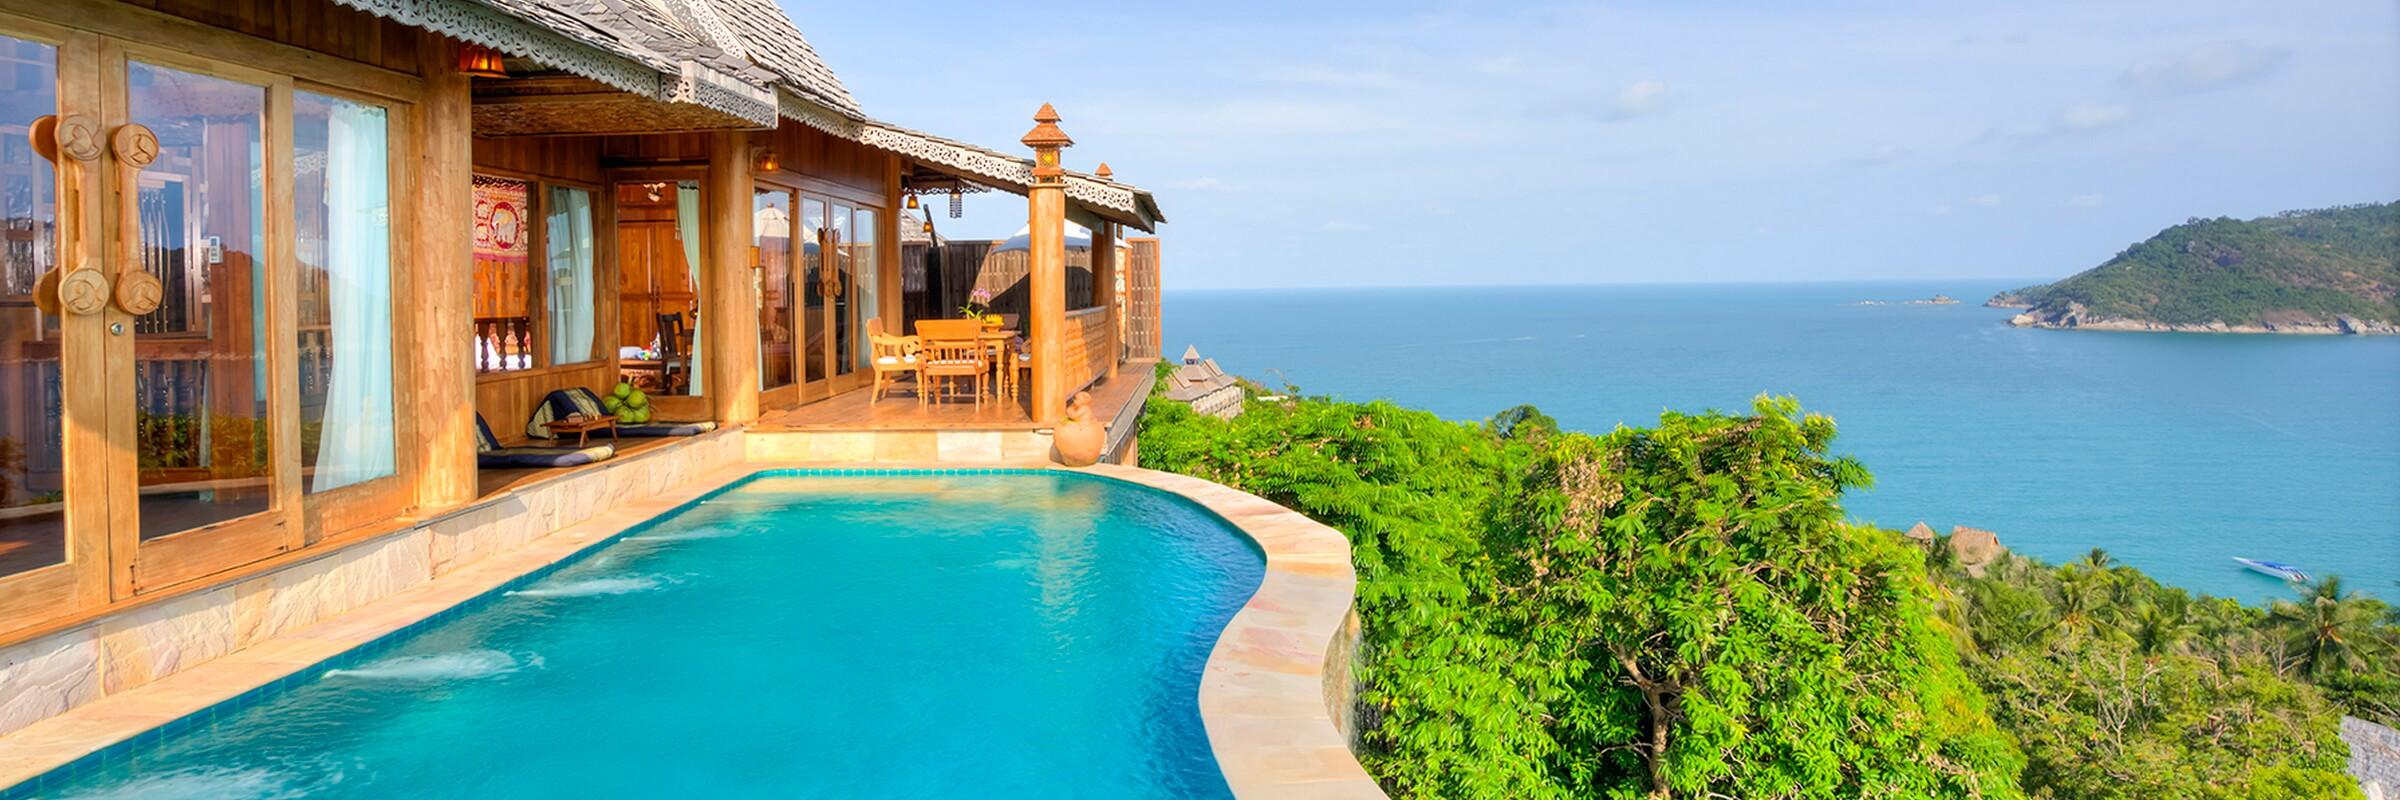 Aussenansicht der Grand Sea View Pool Villen des Santhiya Koh Phangan Resort & Spa mit eigenem Pool und Panorama Meerblick